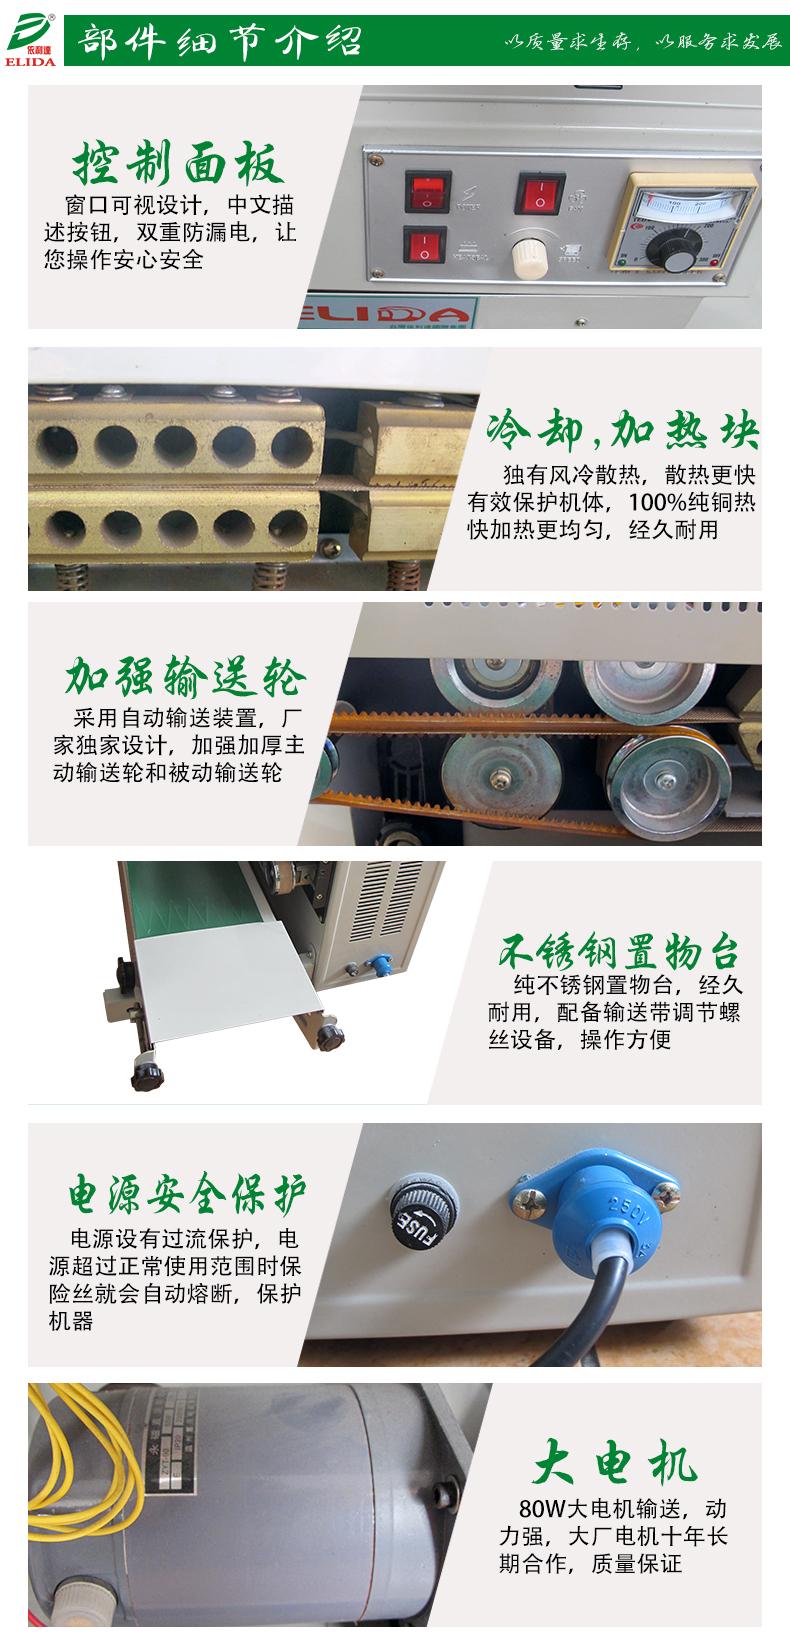 揭陽多功能膠袋封合機 河源薄膜連續封口機專賣店72571935